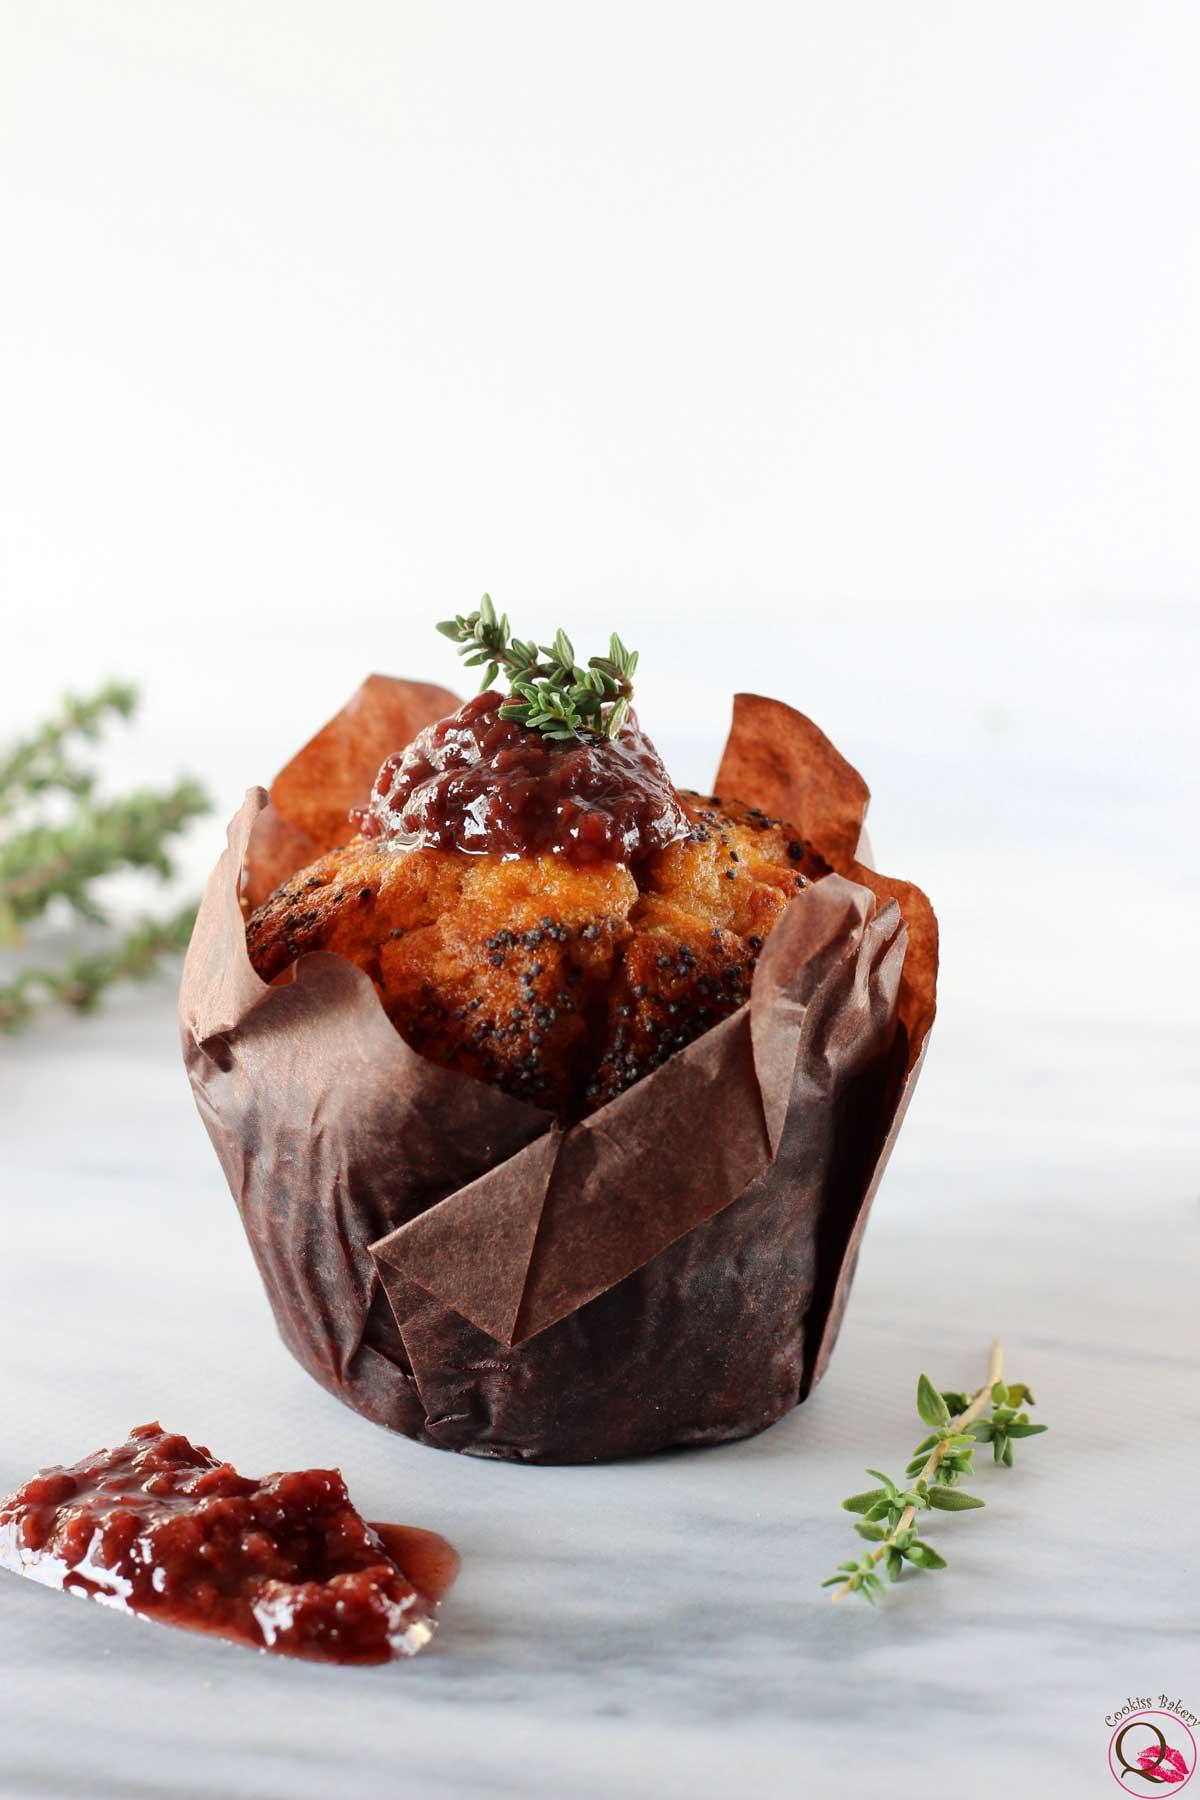 Muffins soffici all'olio d'oliva con marmellata di fragole darbo